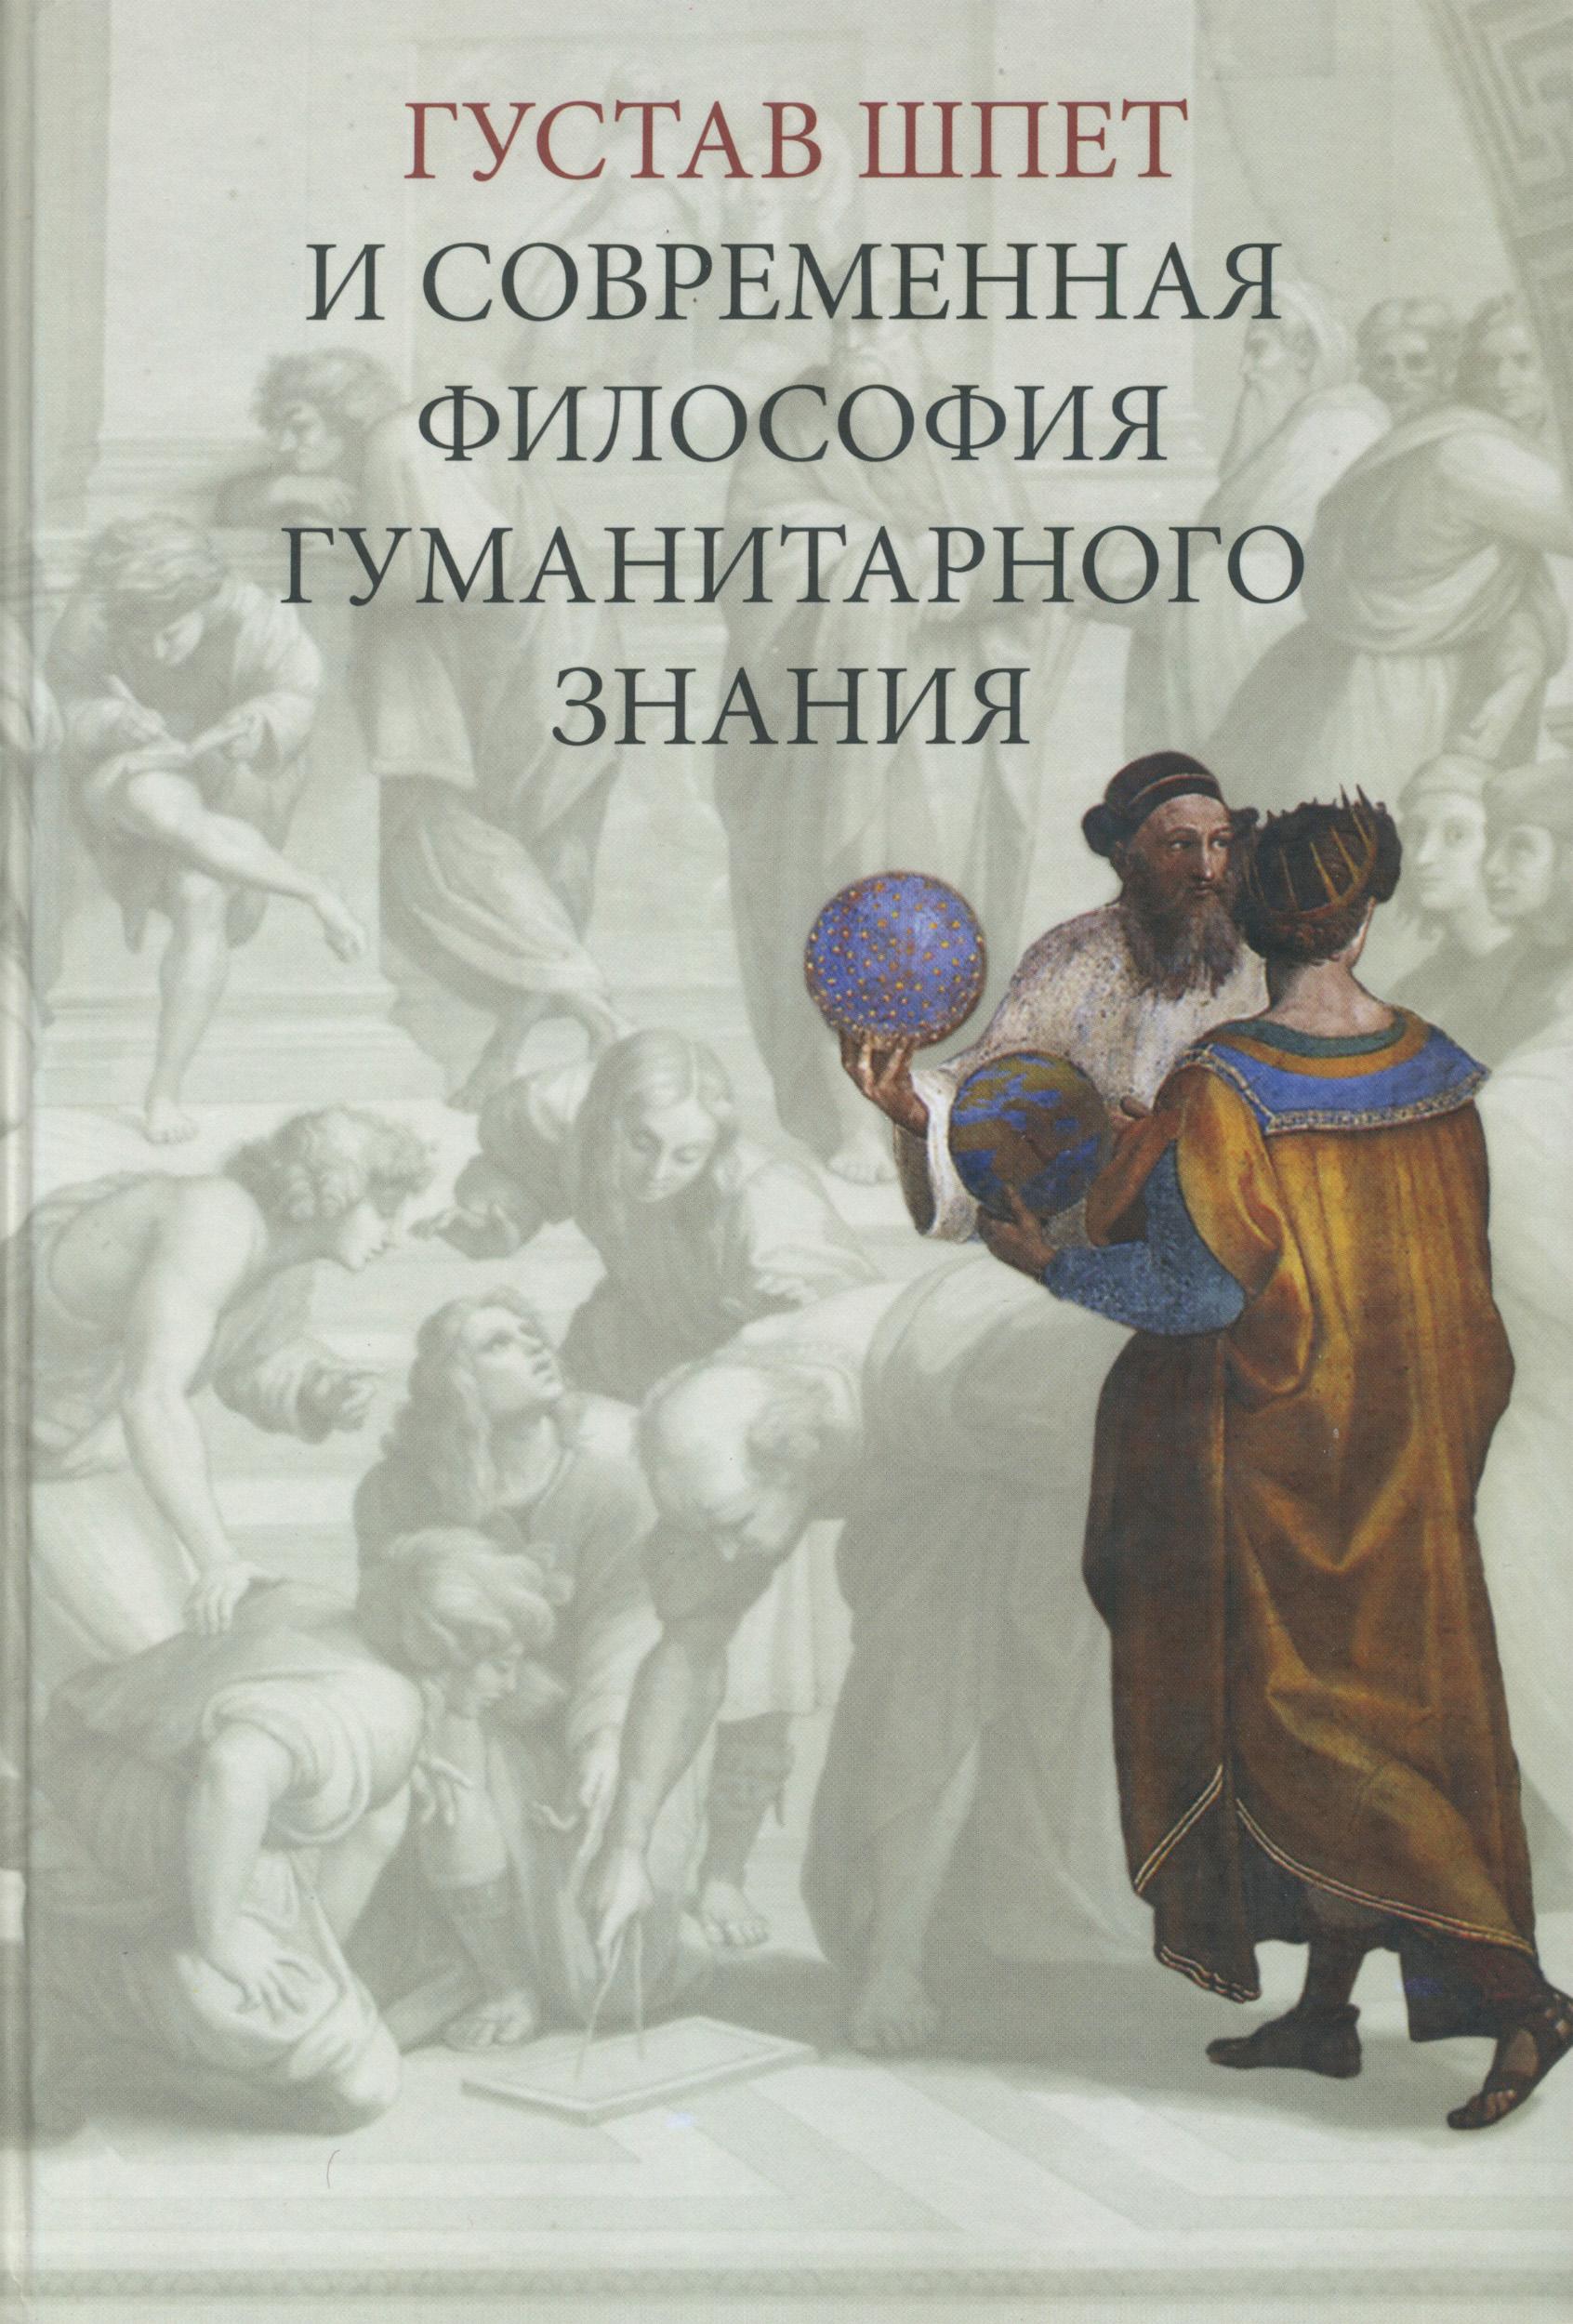 Сборник статей Густав Шпет и современная философия гуманитарного знания й экштейн честь в философии и в праве